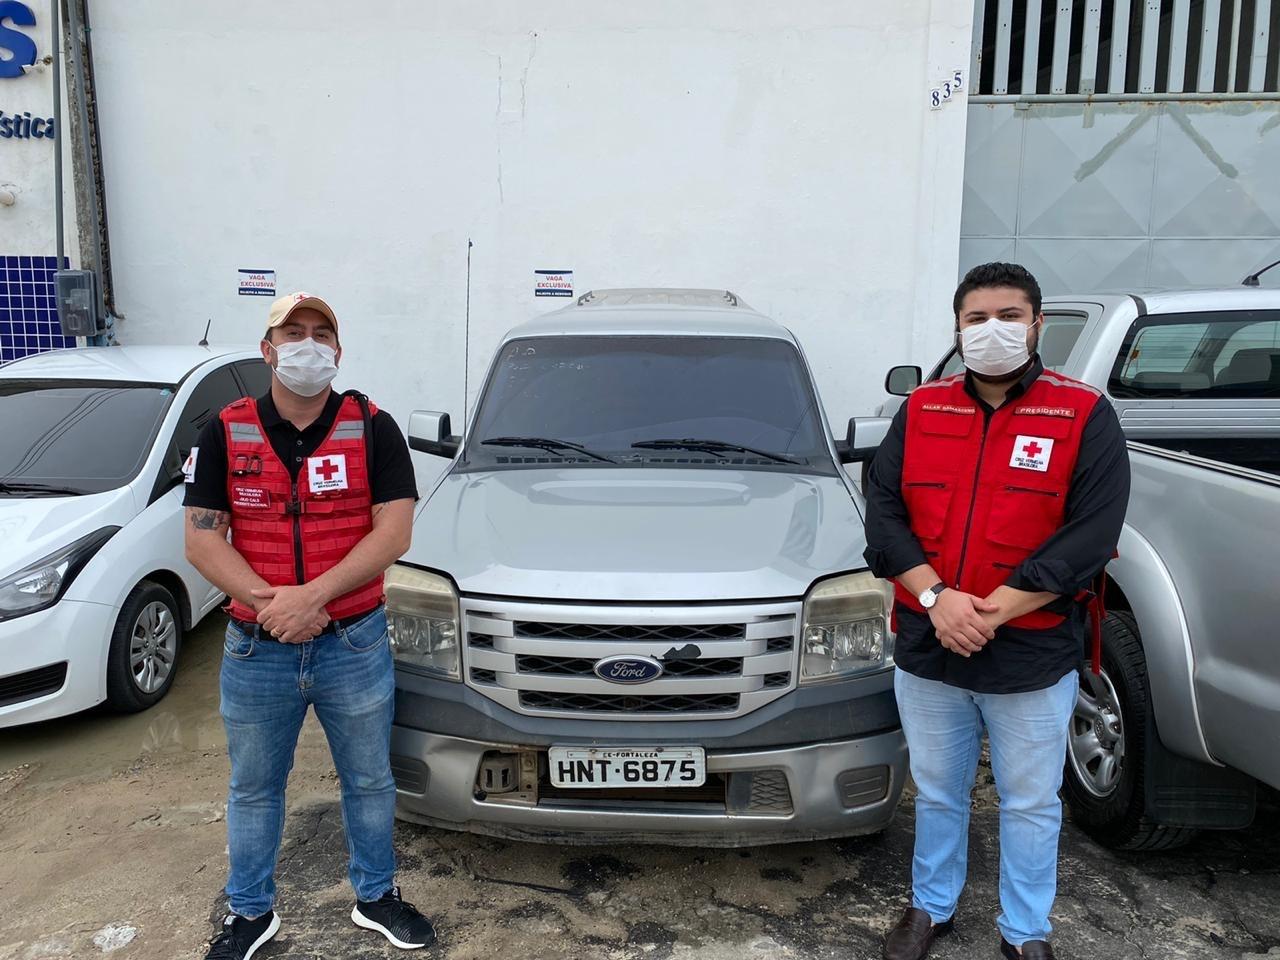 CEGÁS faz parceria com a Cruz Vermelha para ações de combate ao coronavírus